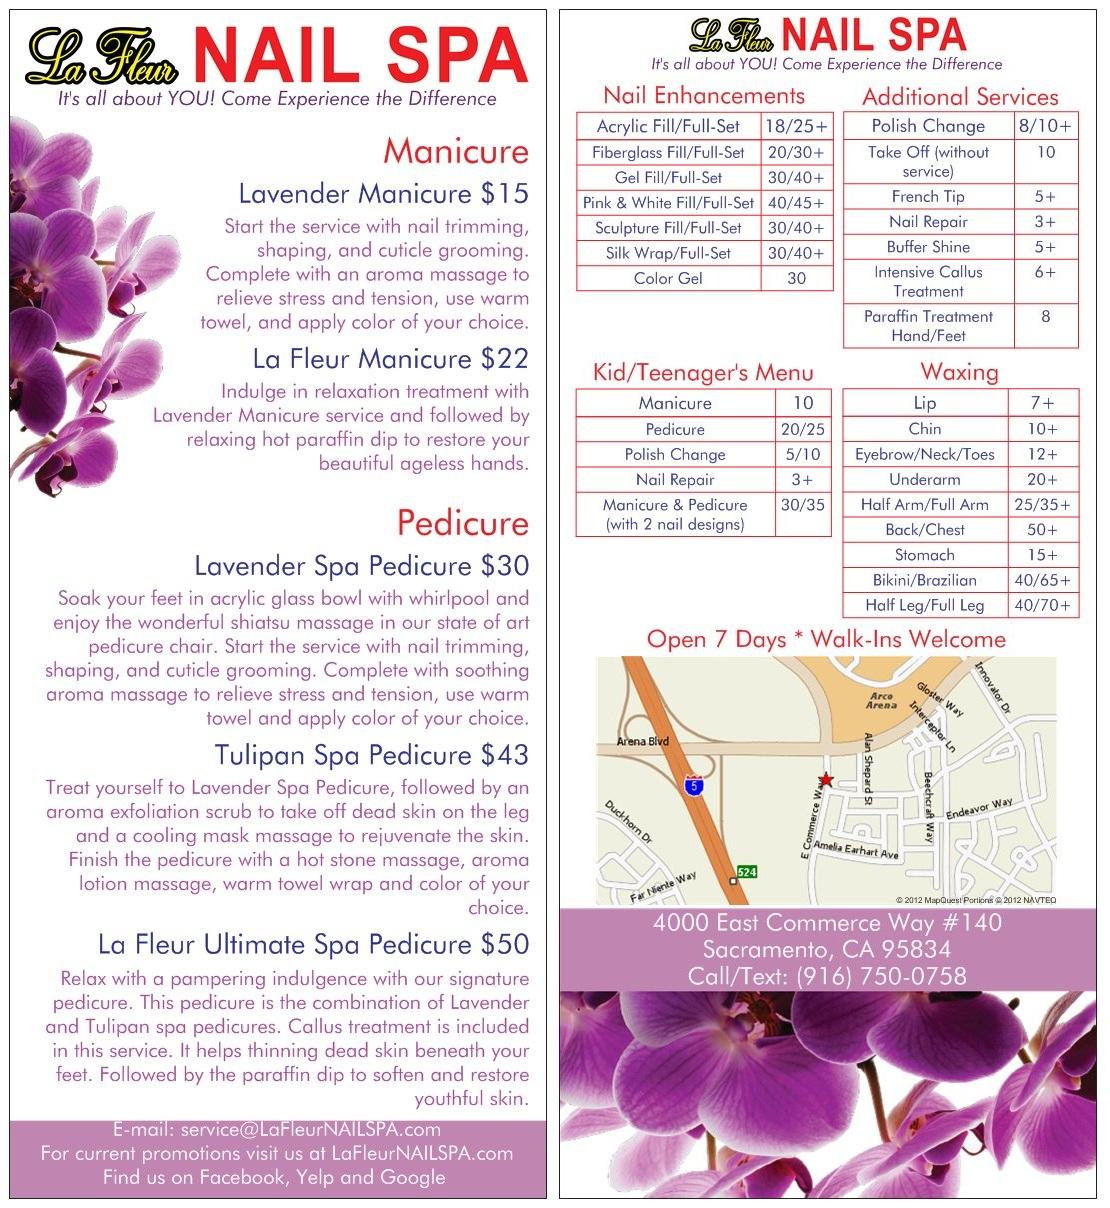 La Fleur Salon And Spa